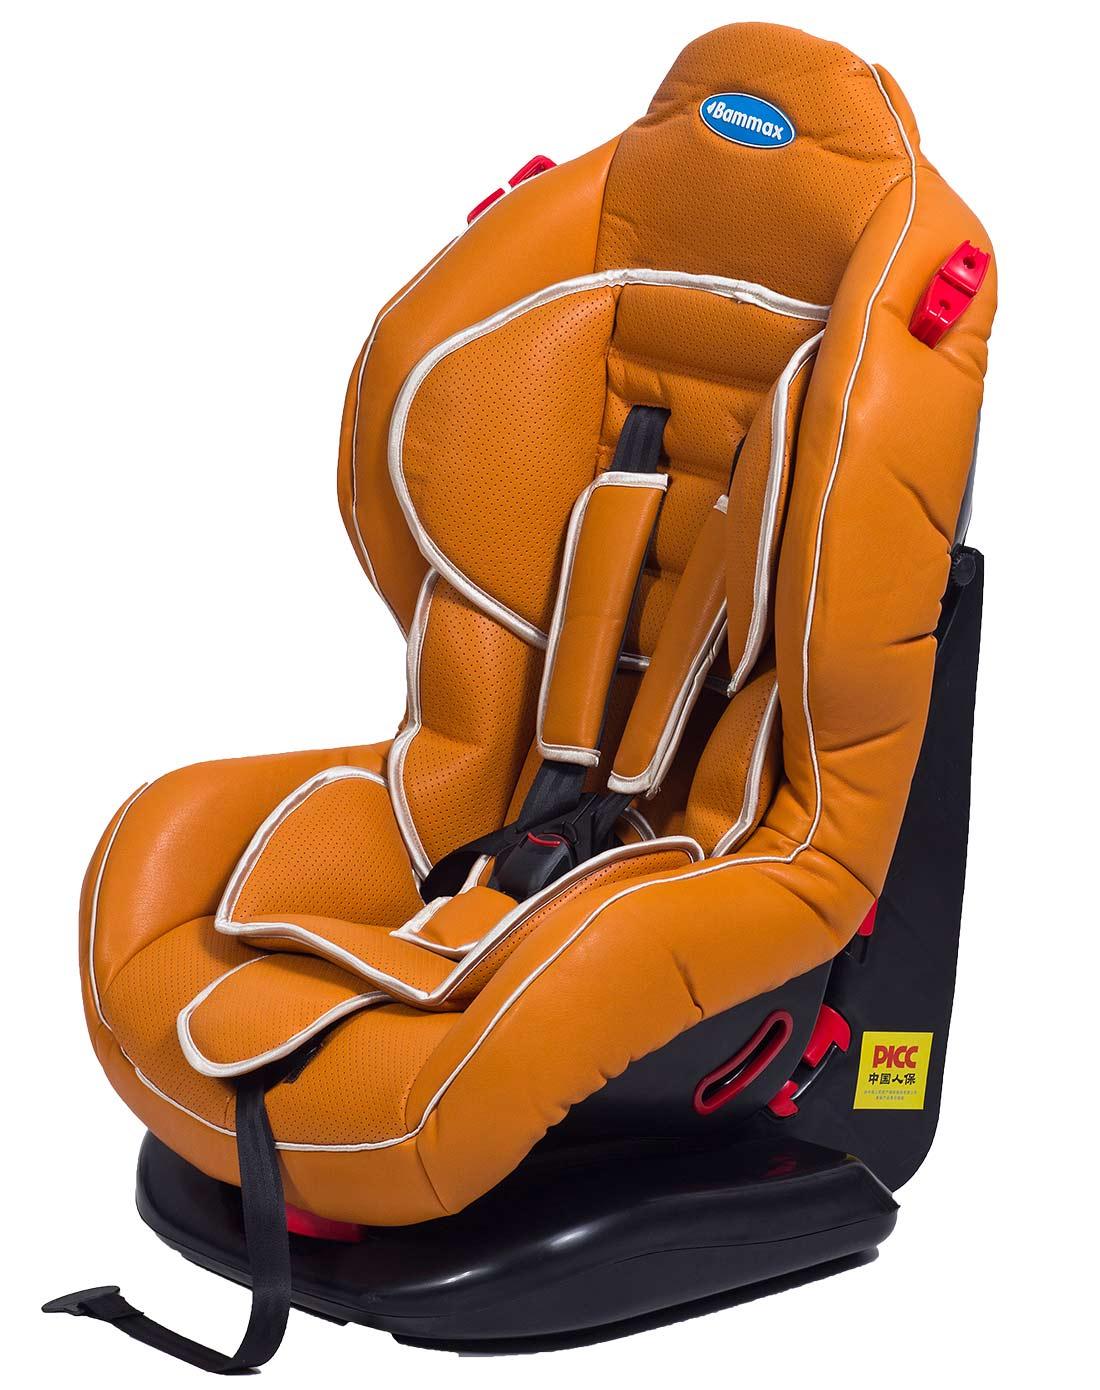 橙色五点式安全带儿童皮质汽车安全座椅